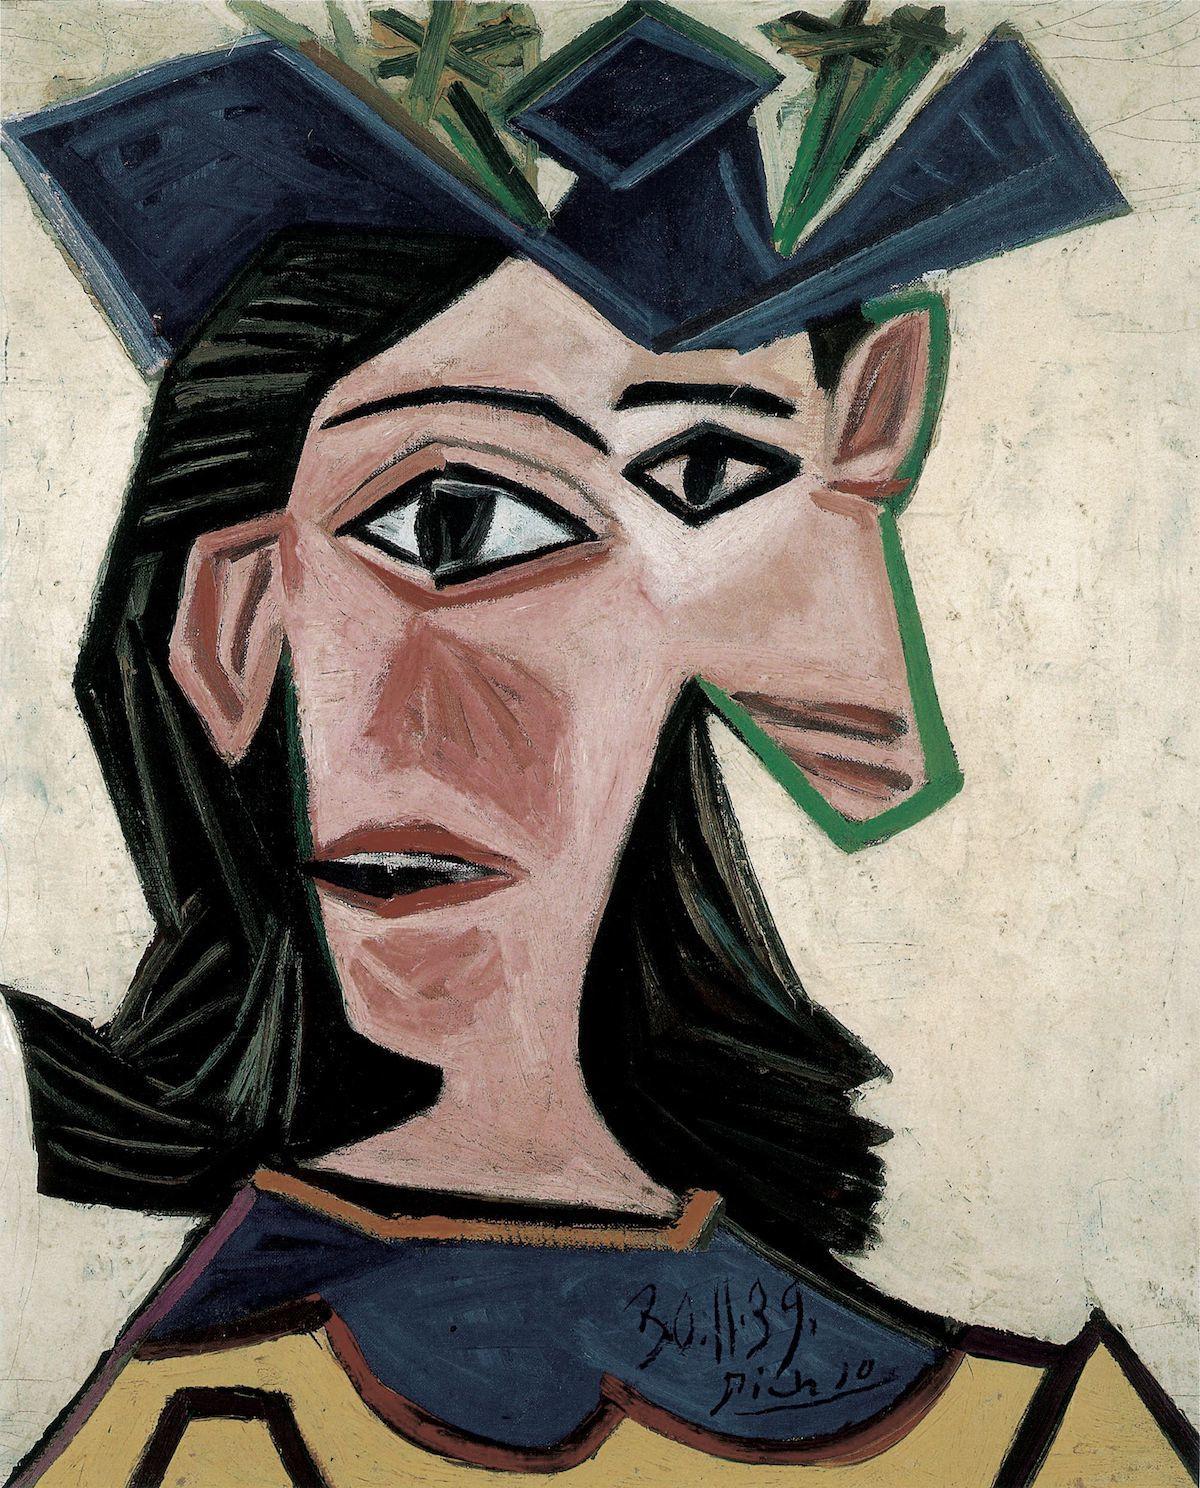 Pablo Picasso, Buste de femme au chapeau (Dora), 1939 (Détail), huile sur toile, 55 x 46,5 cm, photo Peter Schibli, Basel © 2018 Succession Picasso / ProLitteris, Zurich